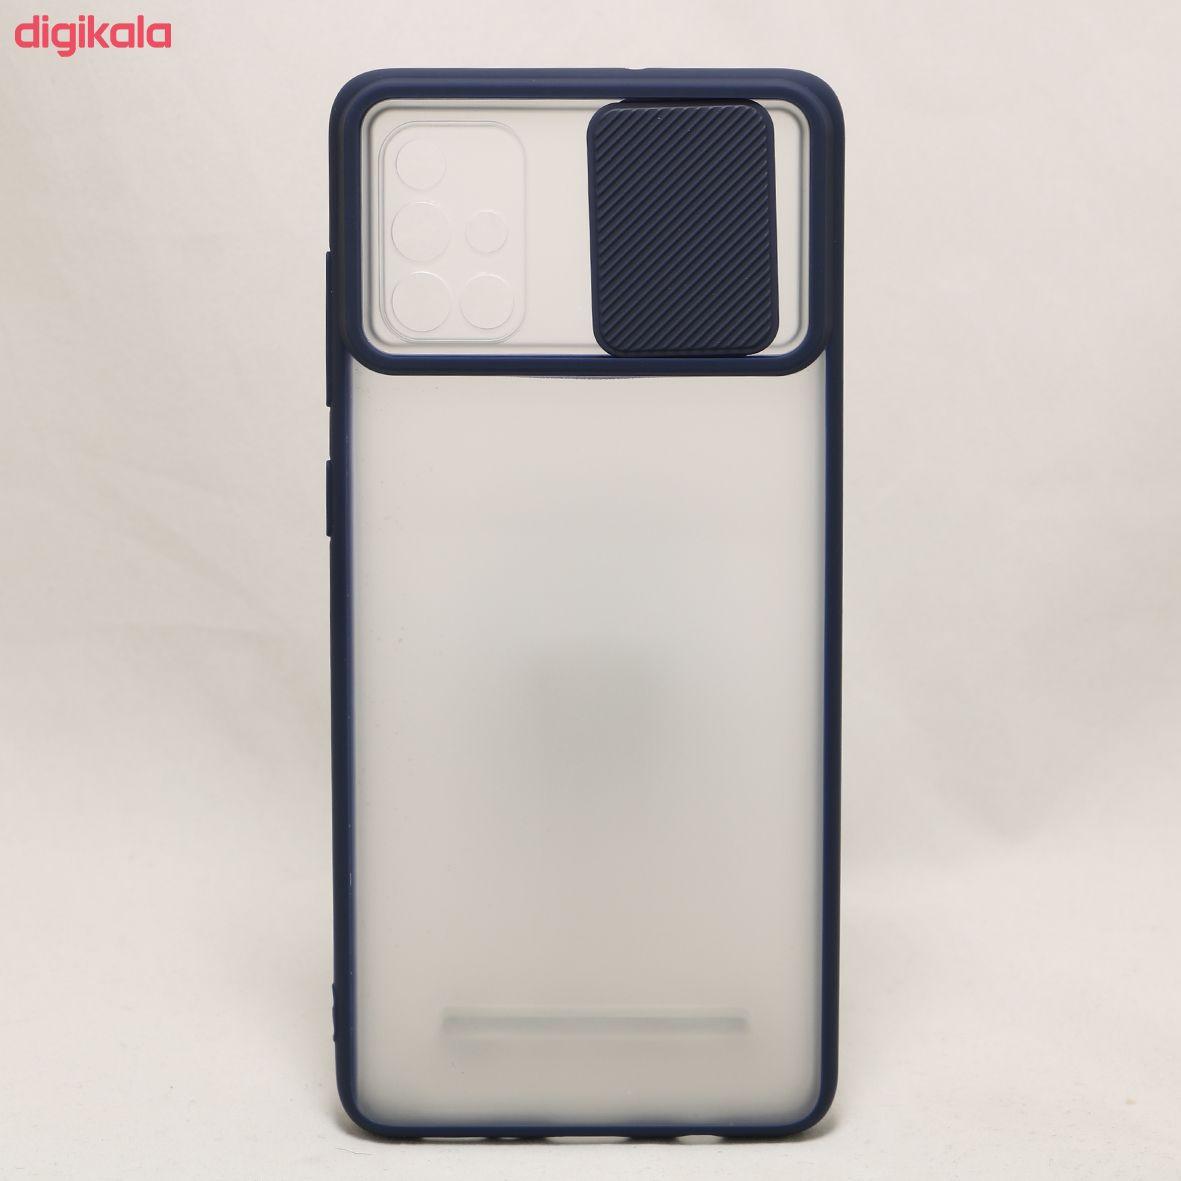 کاور مدل LNZ01 مناسب برای گوشی موبایل سامسونگ Galaxy A71 main 1 2